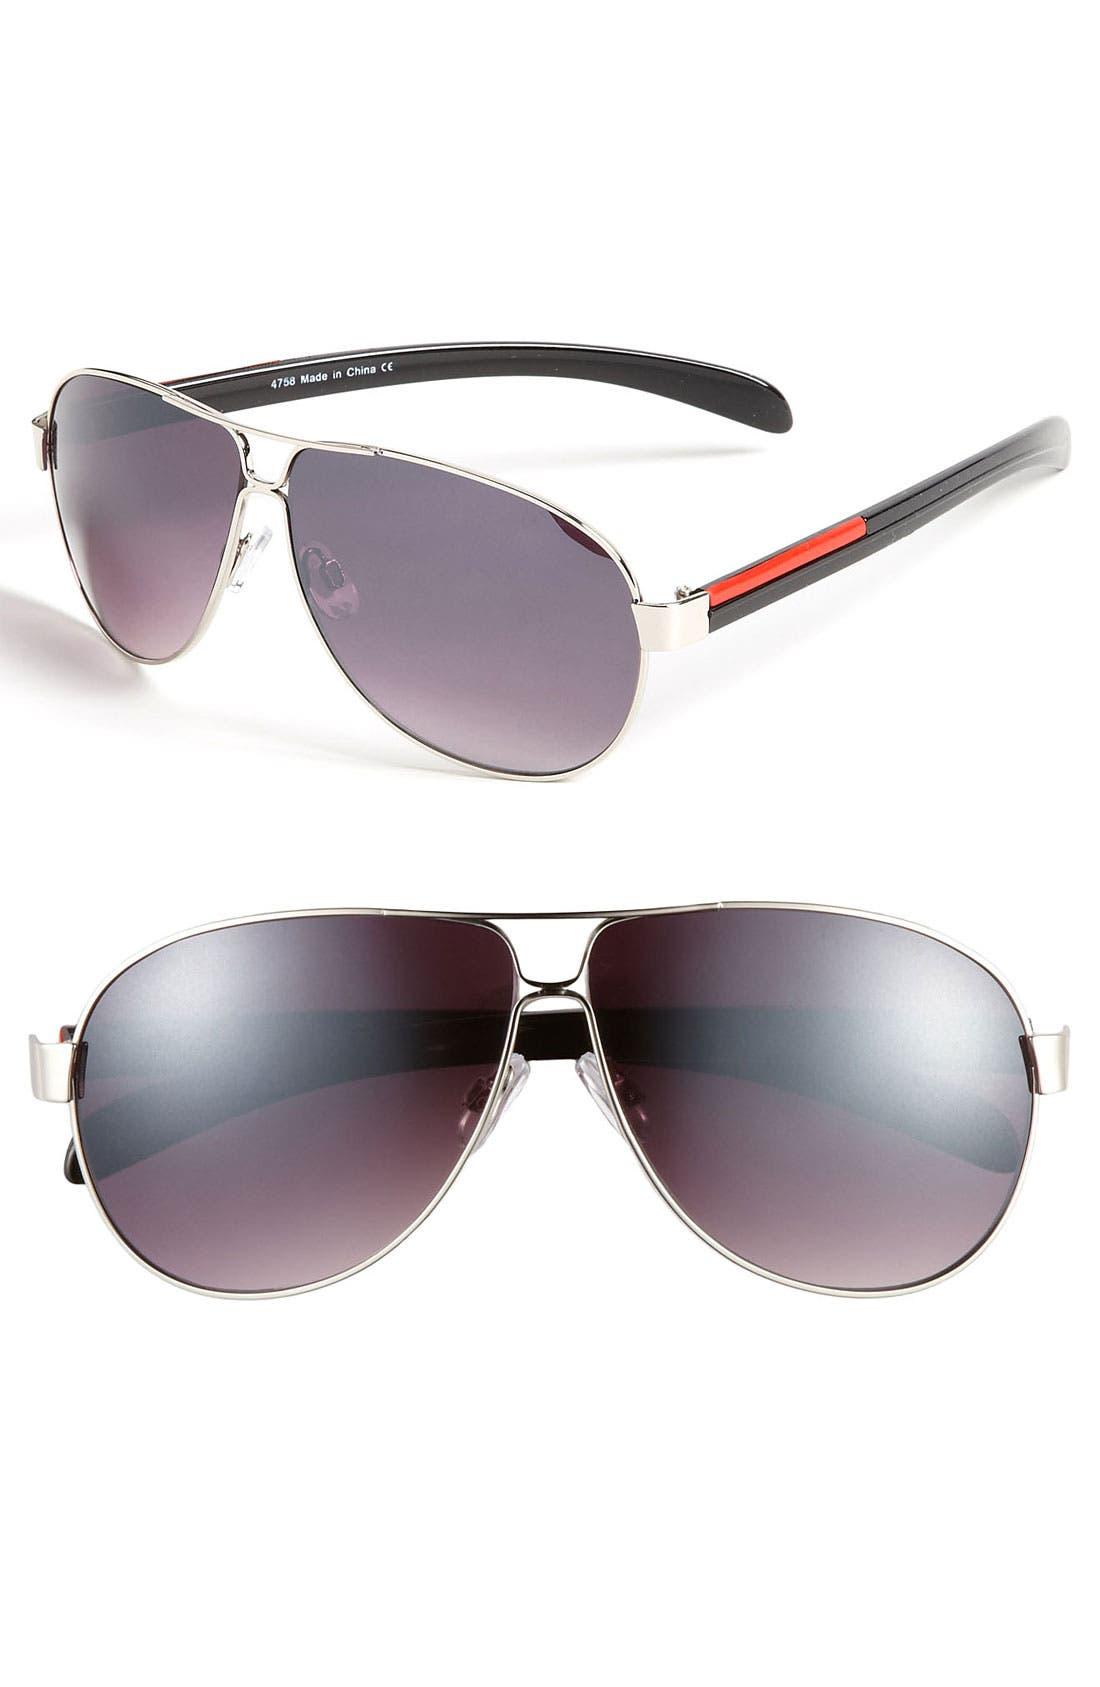 Main Image - KW 'Explorer' Aviator Sunglasses